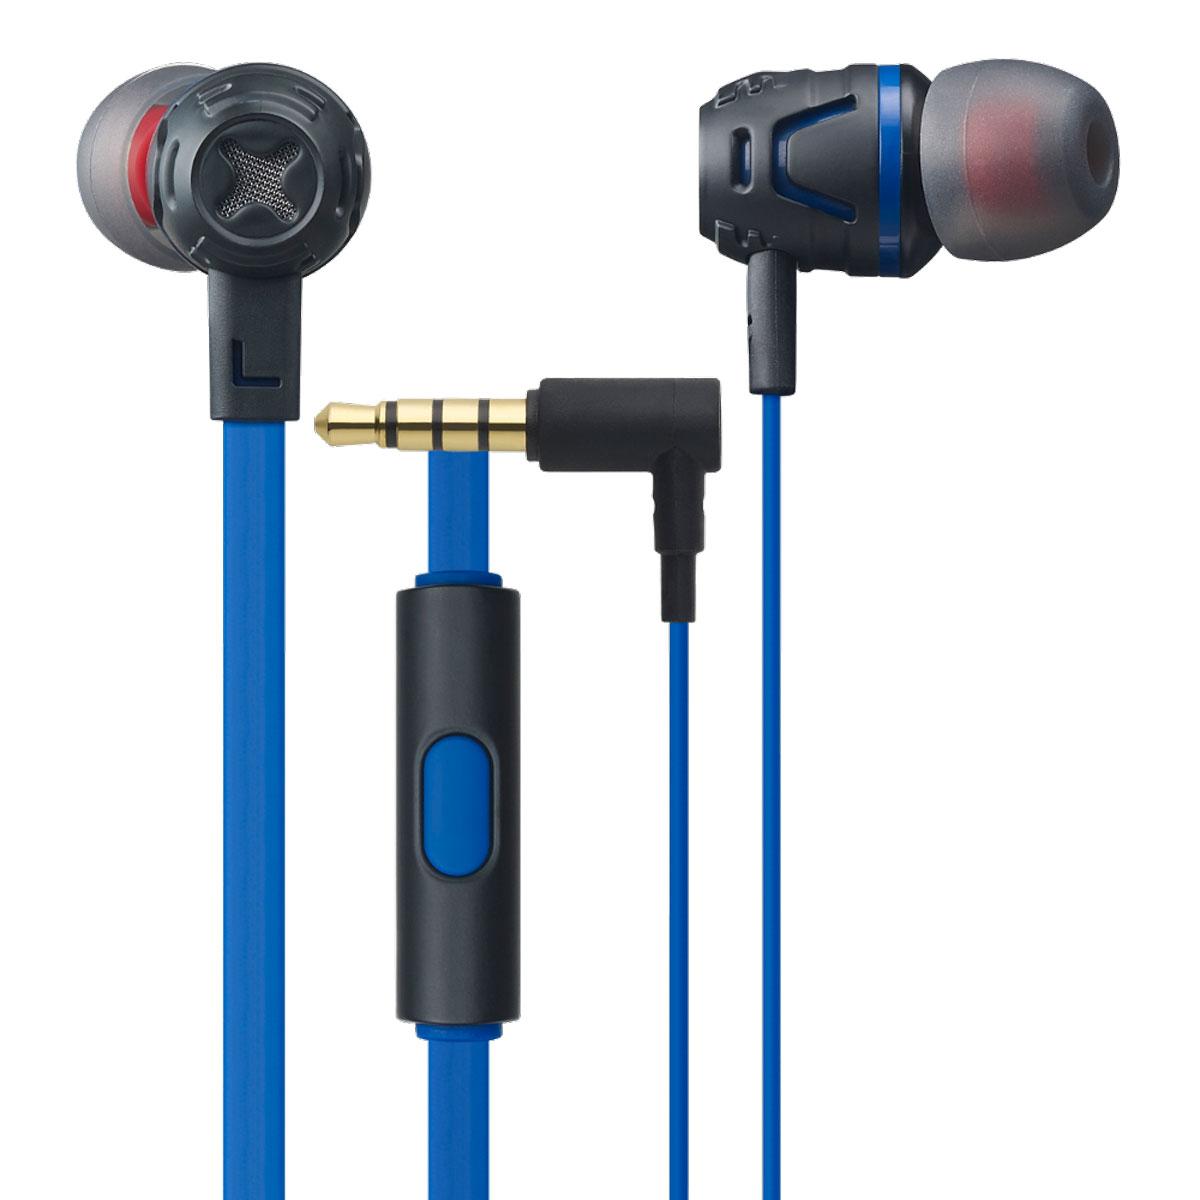 Cresyn C450S, Blue наушники с микрофономC450S BlueВставные наушники с микрофоном Cresyn C450S совершенны в своем исполнении. Яркий дизайн и множество цветовых вариантов рассчитаны на взыскательный вкус стремительных и энергичных. Крупные 10-миллиметровые динамики с неодимовыми магнитами выдают детализированный звук, насыщенный глубокими басами. Открытое акустическое оформление способствует предельно естественному звучанию, апосадка в ушном канале с подобранными по размеру насадками изолирует шумы извне. Плоский кабель не спутывается и отличается повышенной прочностью. Двухцветные насадки разных размеров не только позволяют получить максимальный комфорт при ношении, но и радуют сочетанием цветов.Пульт, встроенный в кабель стерео-гарнитуры Cresyn C450S, располагает кнопкой для ответа на входящие вызовы. Высокочувствительный ненаправленный микрофон с максимальной четкостью захватывает ваш голос при общении, отсекая лишние шумы. Все перечисленные функции позволяют слушать музыку и отвечать на звонки, не доставая смартфон из кармана.